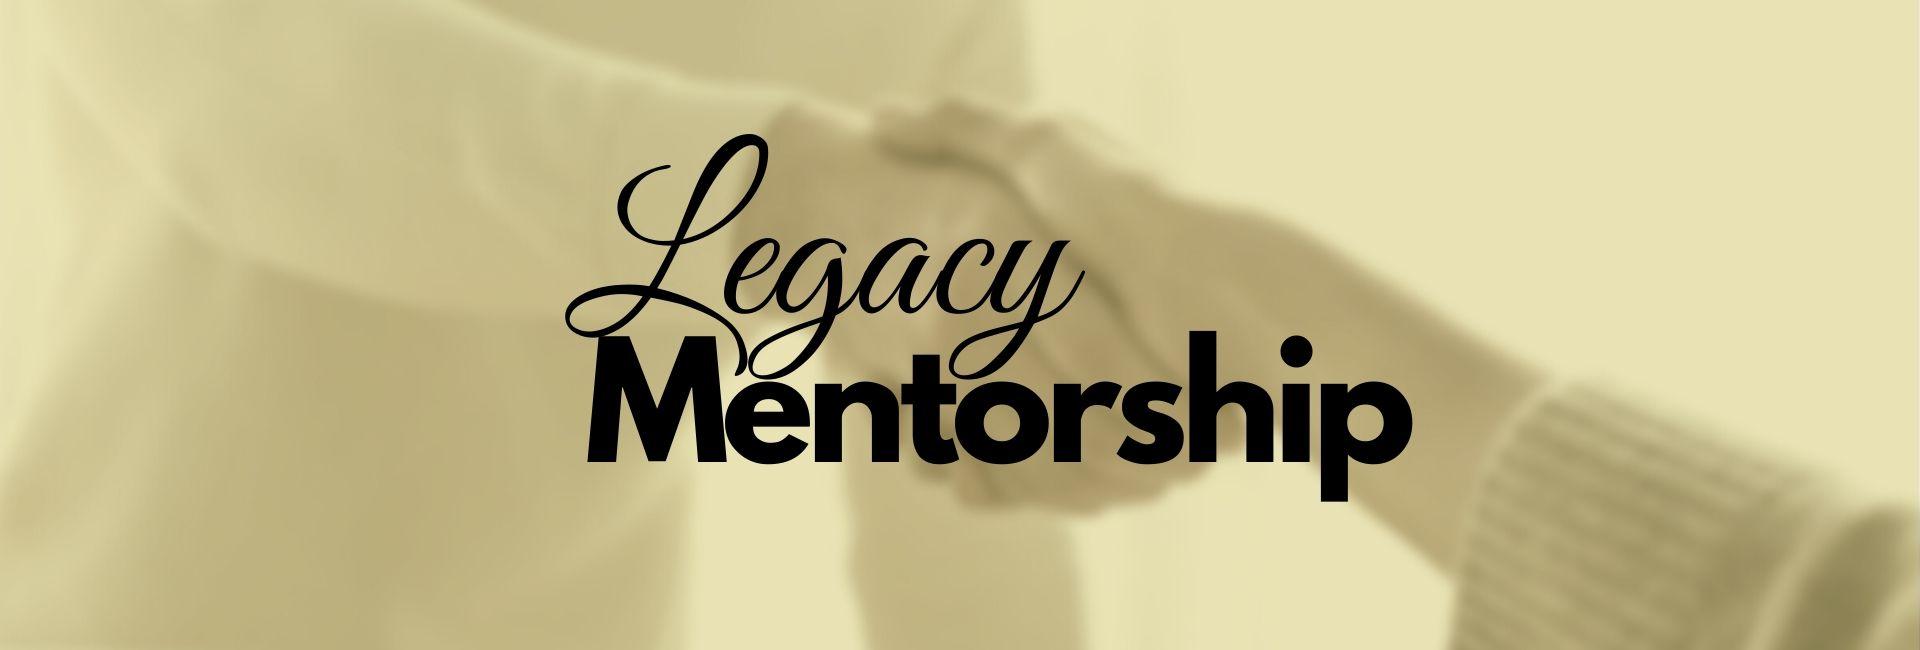 Legacy Mentorship 1 Web